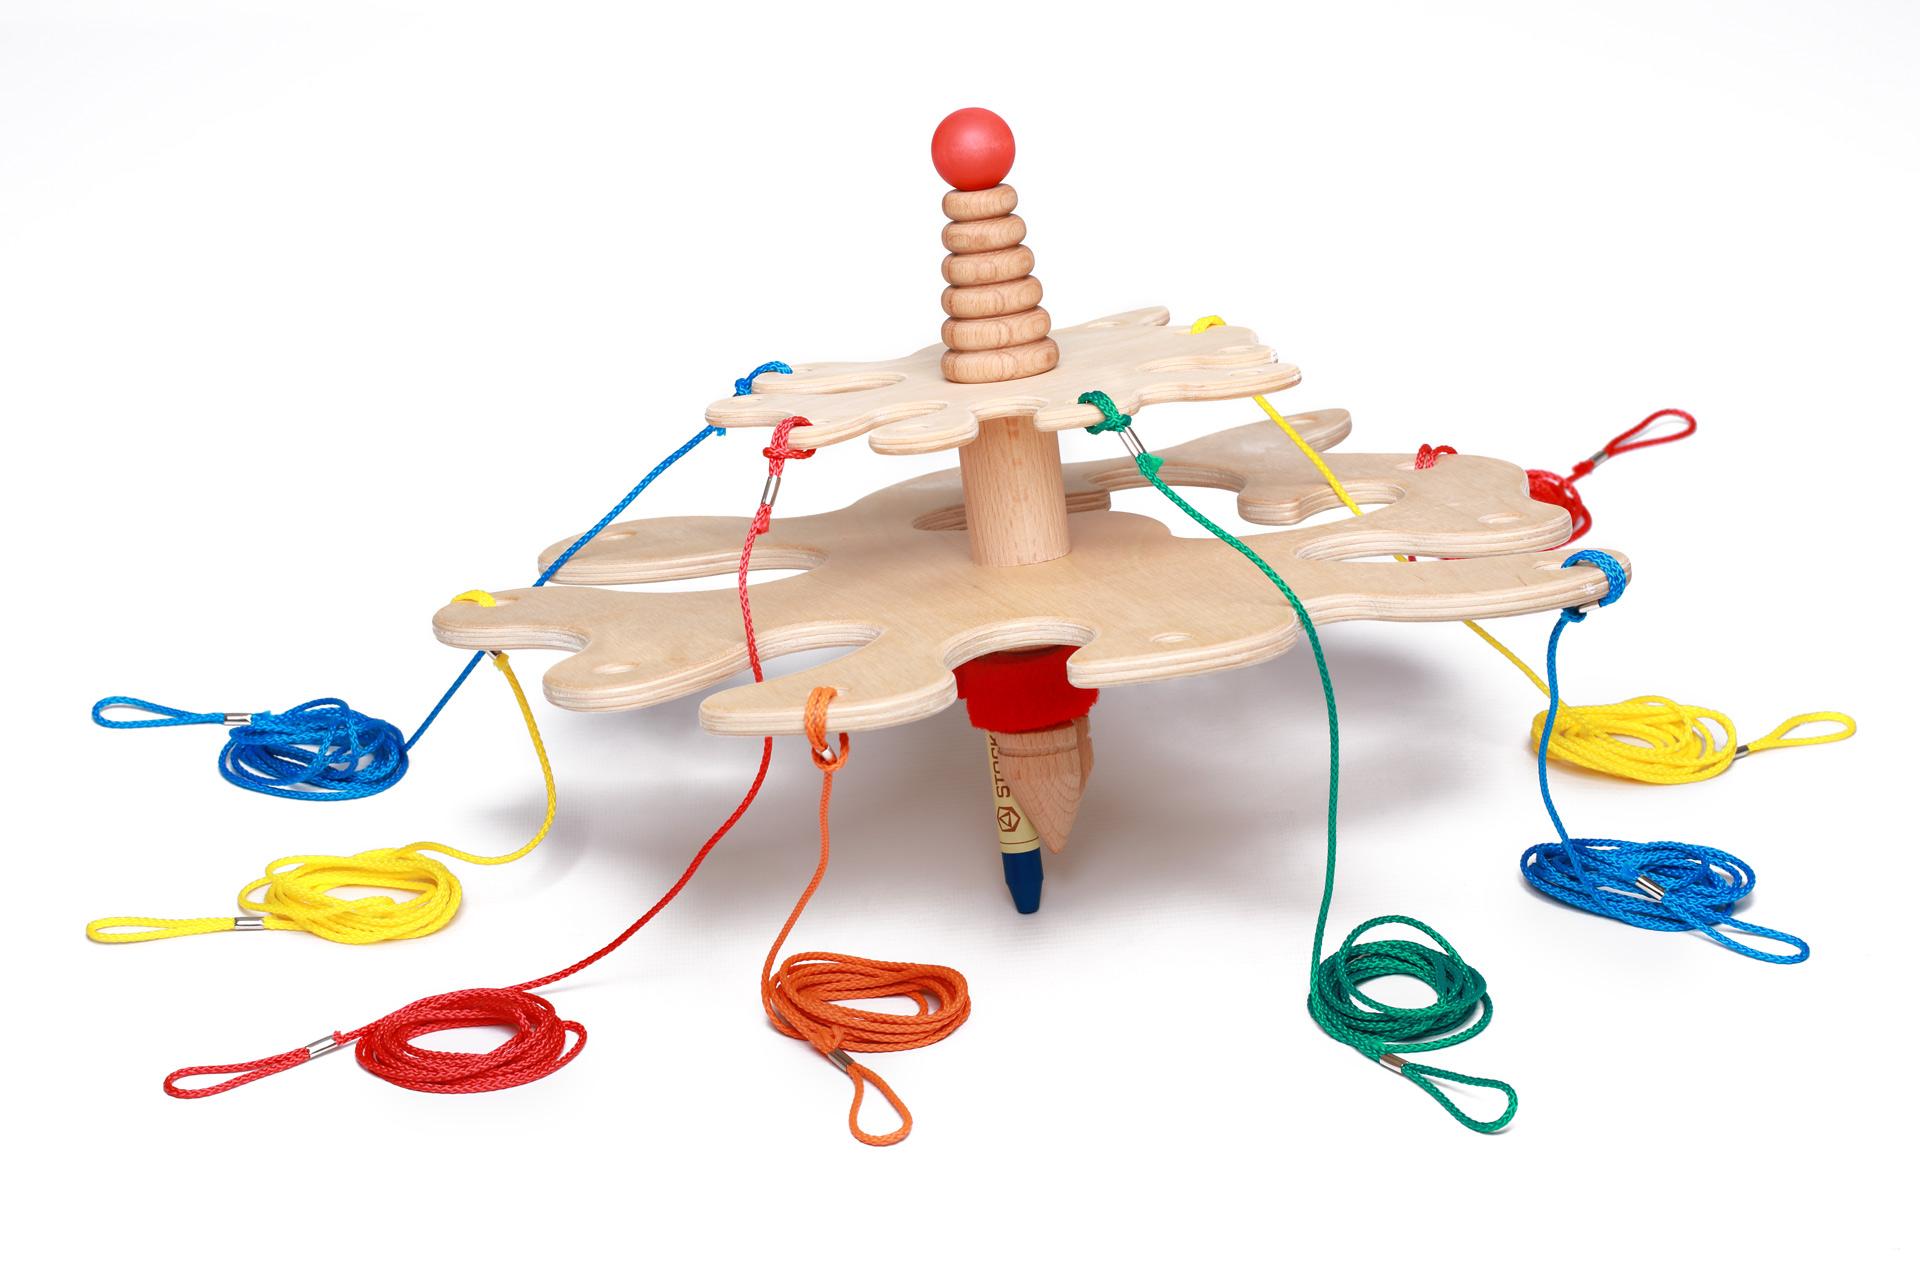 kreative-Spiele-Therapiespiele-interaktive-Spiele-Strippenzieher-Mammutstrippenzieher-ksg